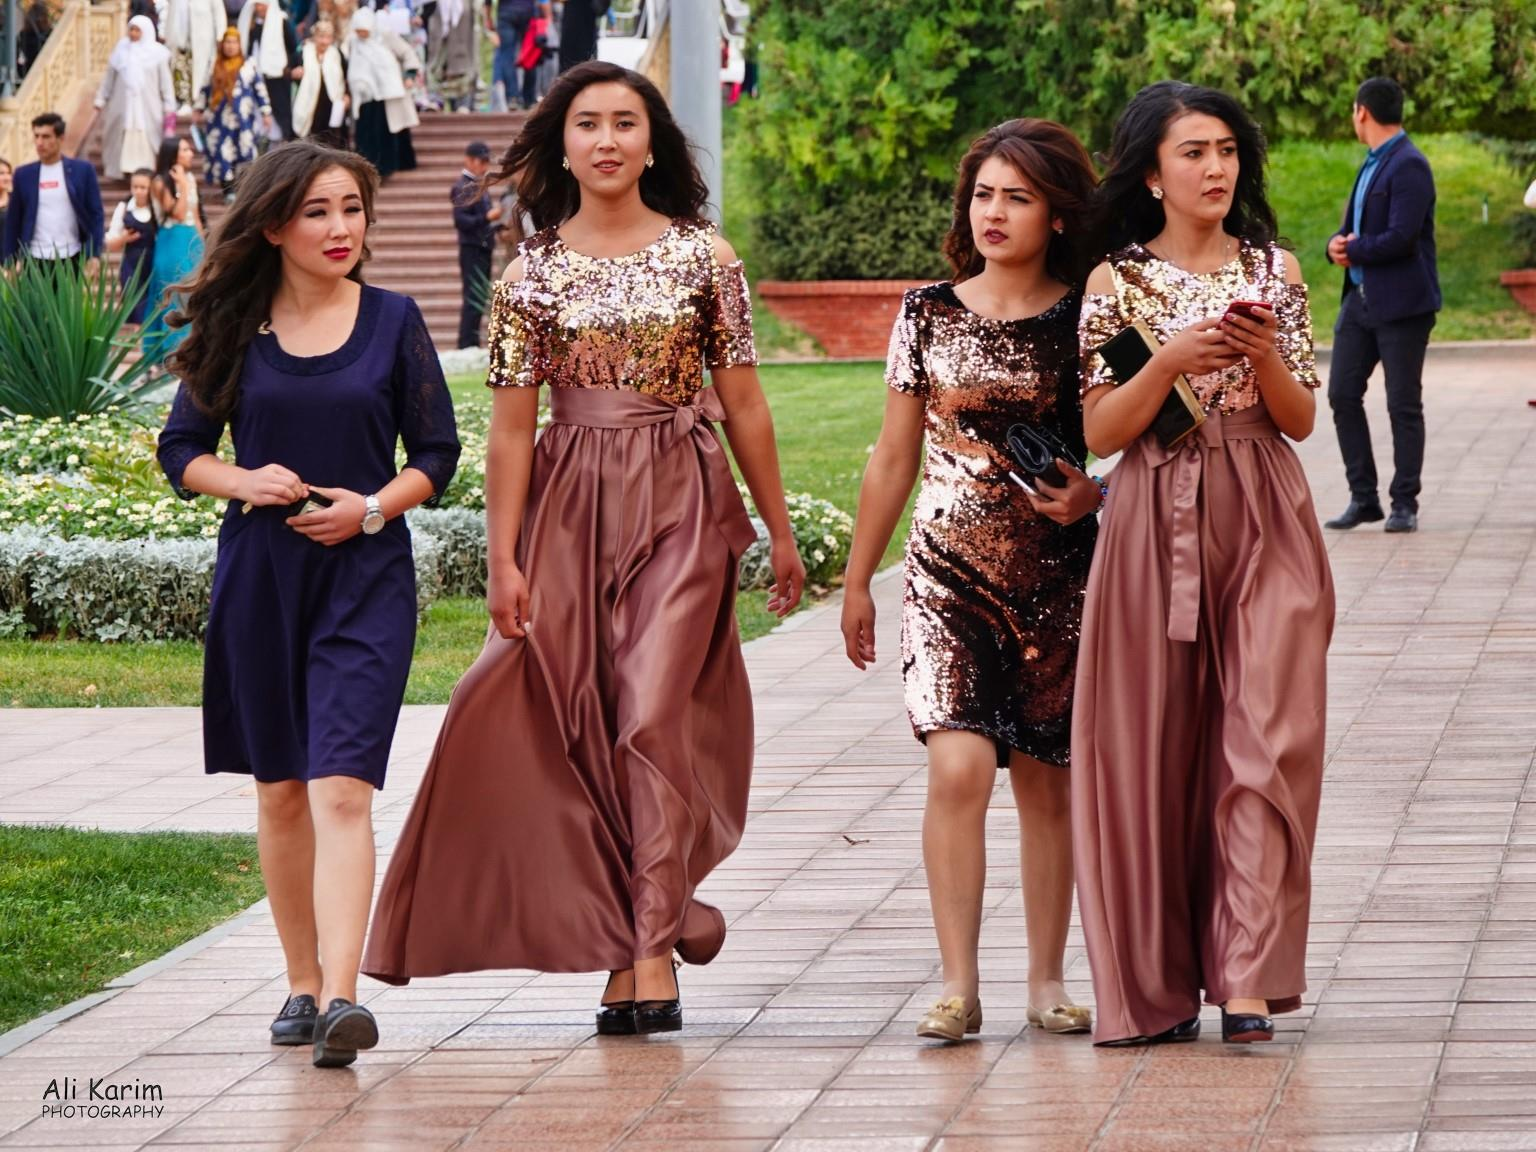 More Samarkand, Bridesmaids?